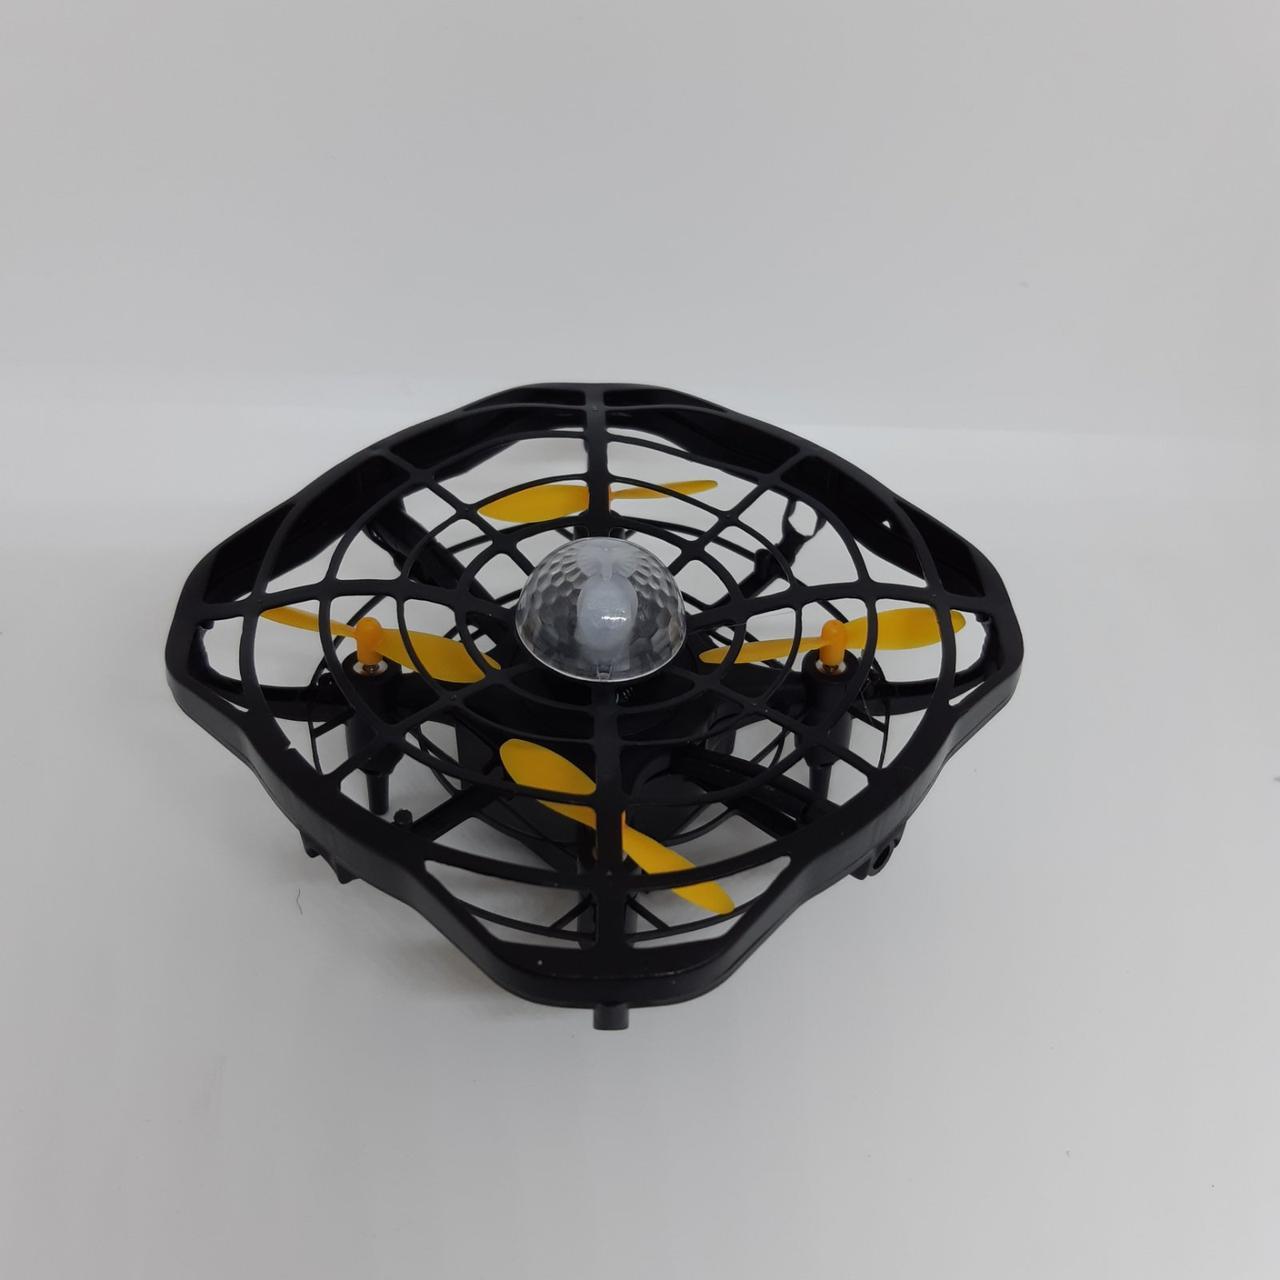 Дрон управляемый рукой Мини квадрокоптер Energy YL102